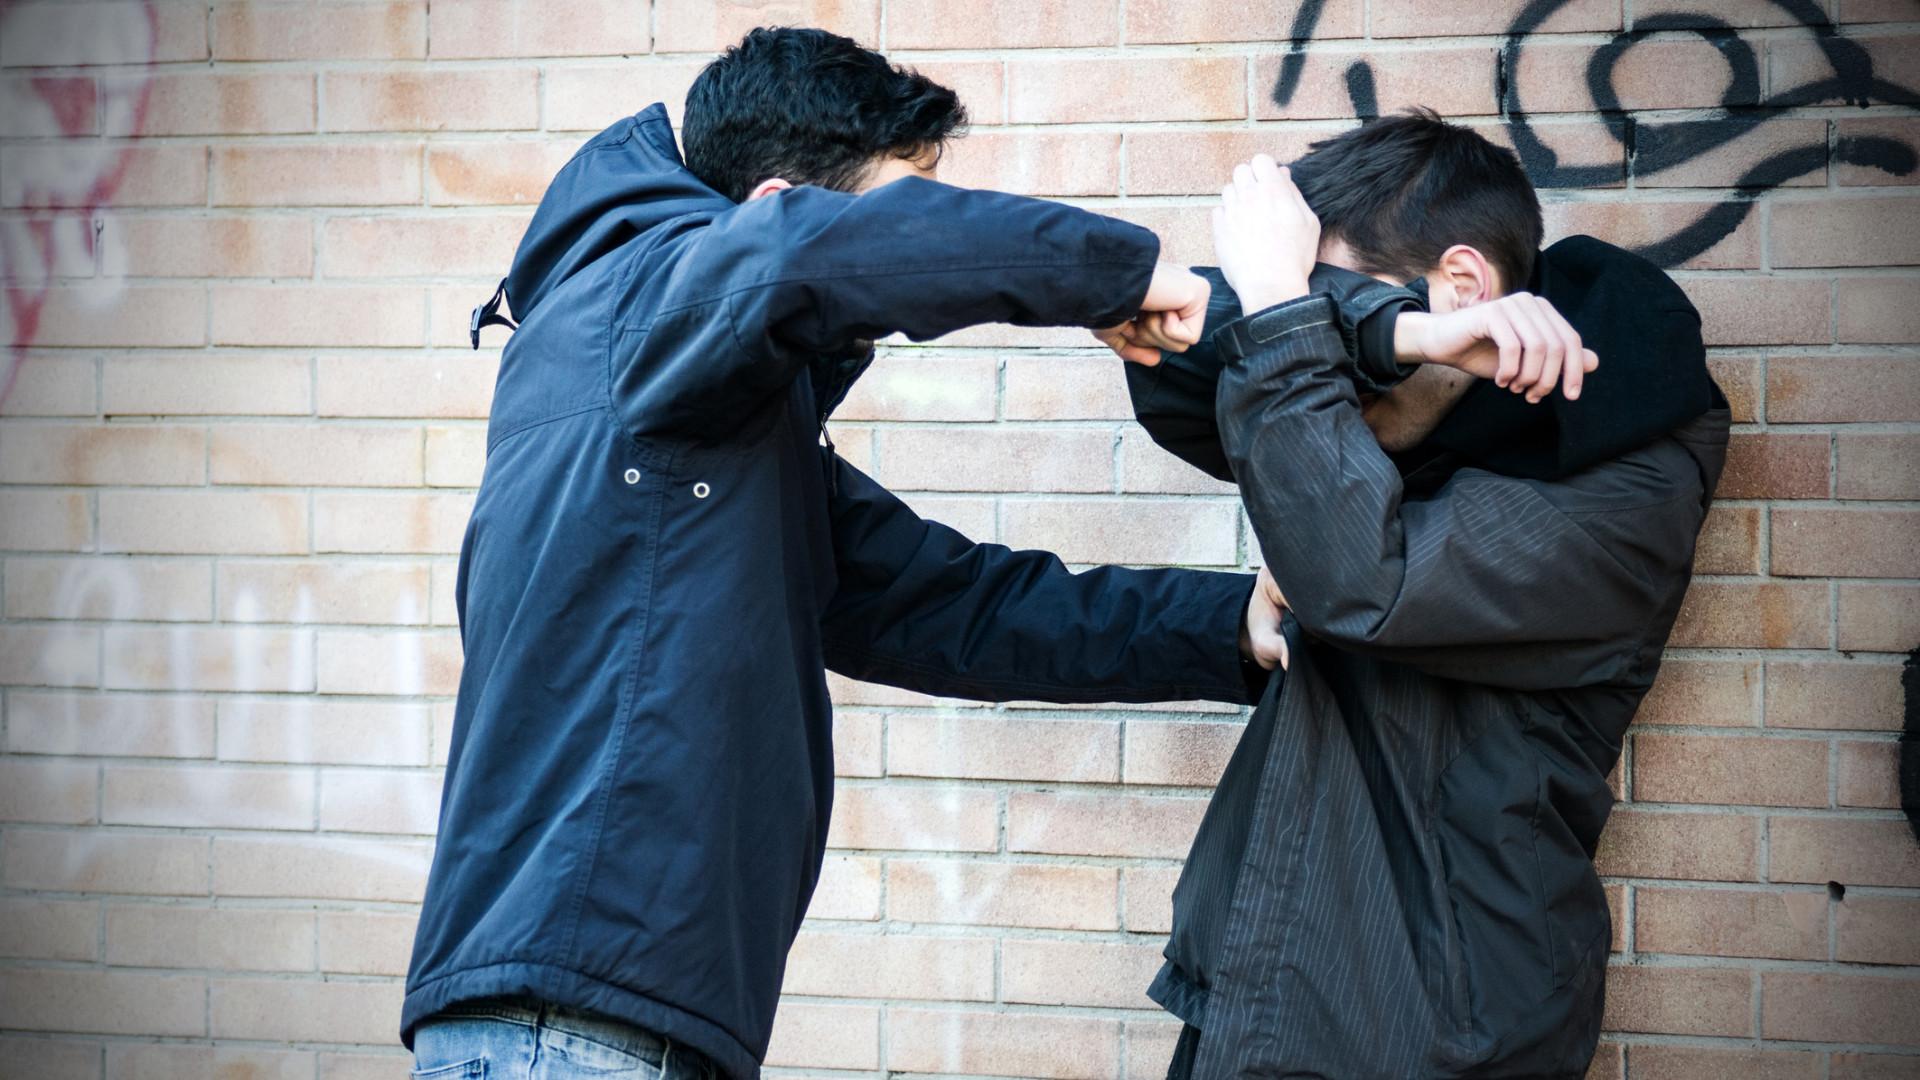 Detidos suspeitos de agressão em estabelecimento de diversão noturna